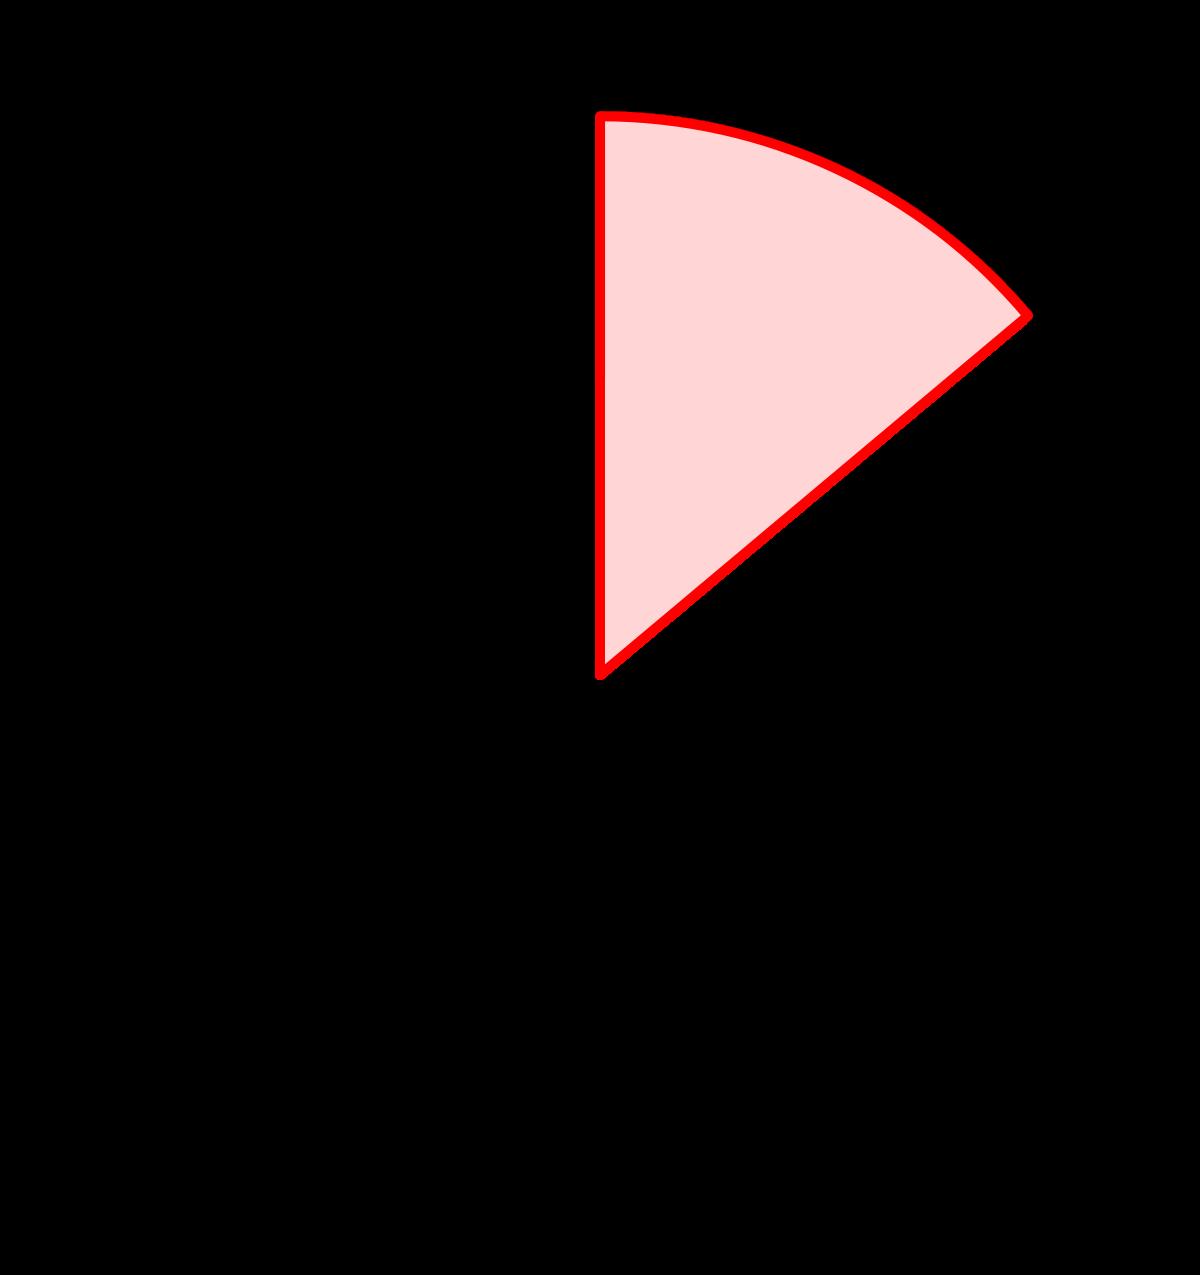 qué-es-una-circunferencia-3